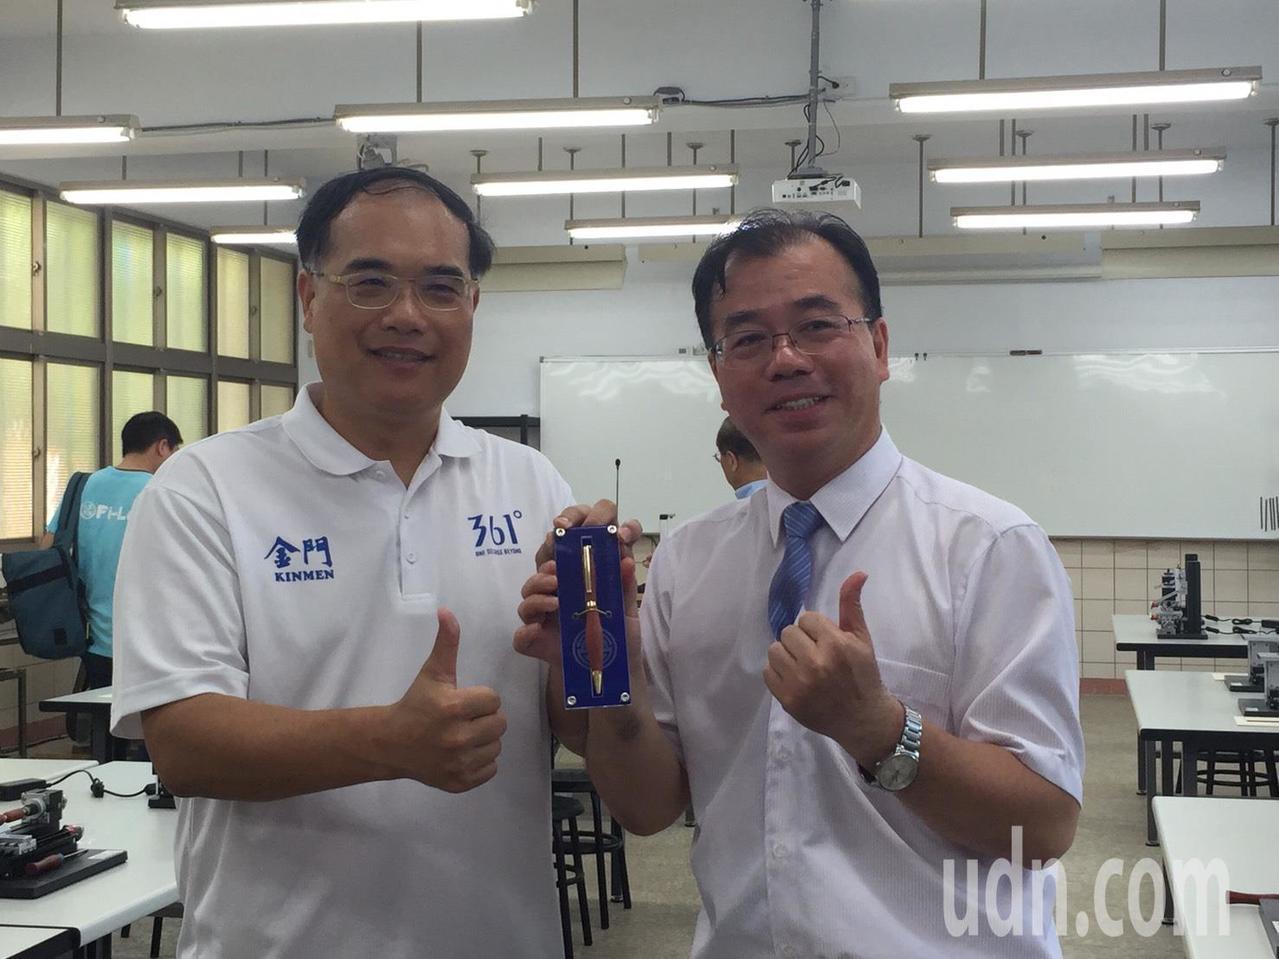 金門高中校長廖俊仁(右)把親手做的木製筆,送給教育處長李文良(左)。記者蔡家蓁/...